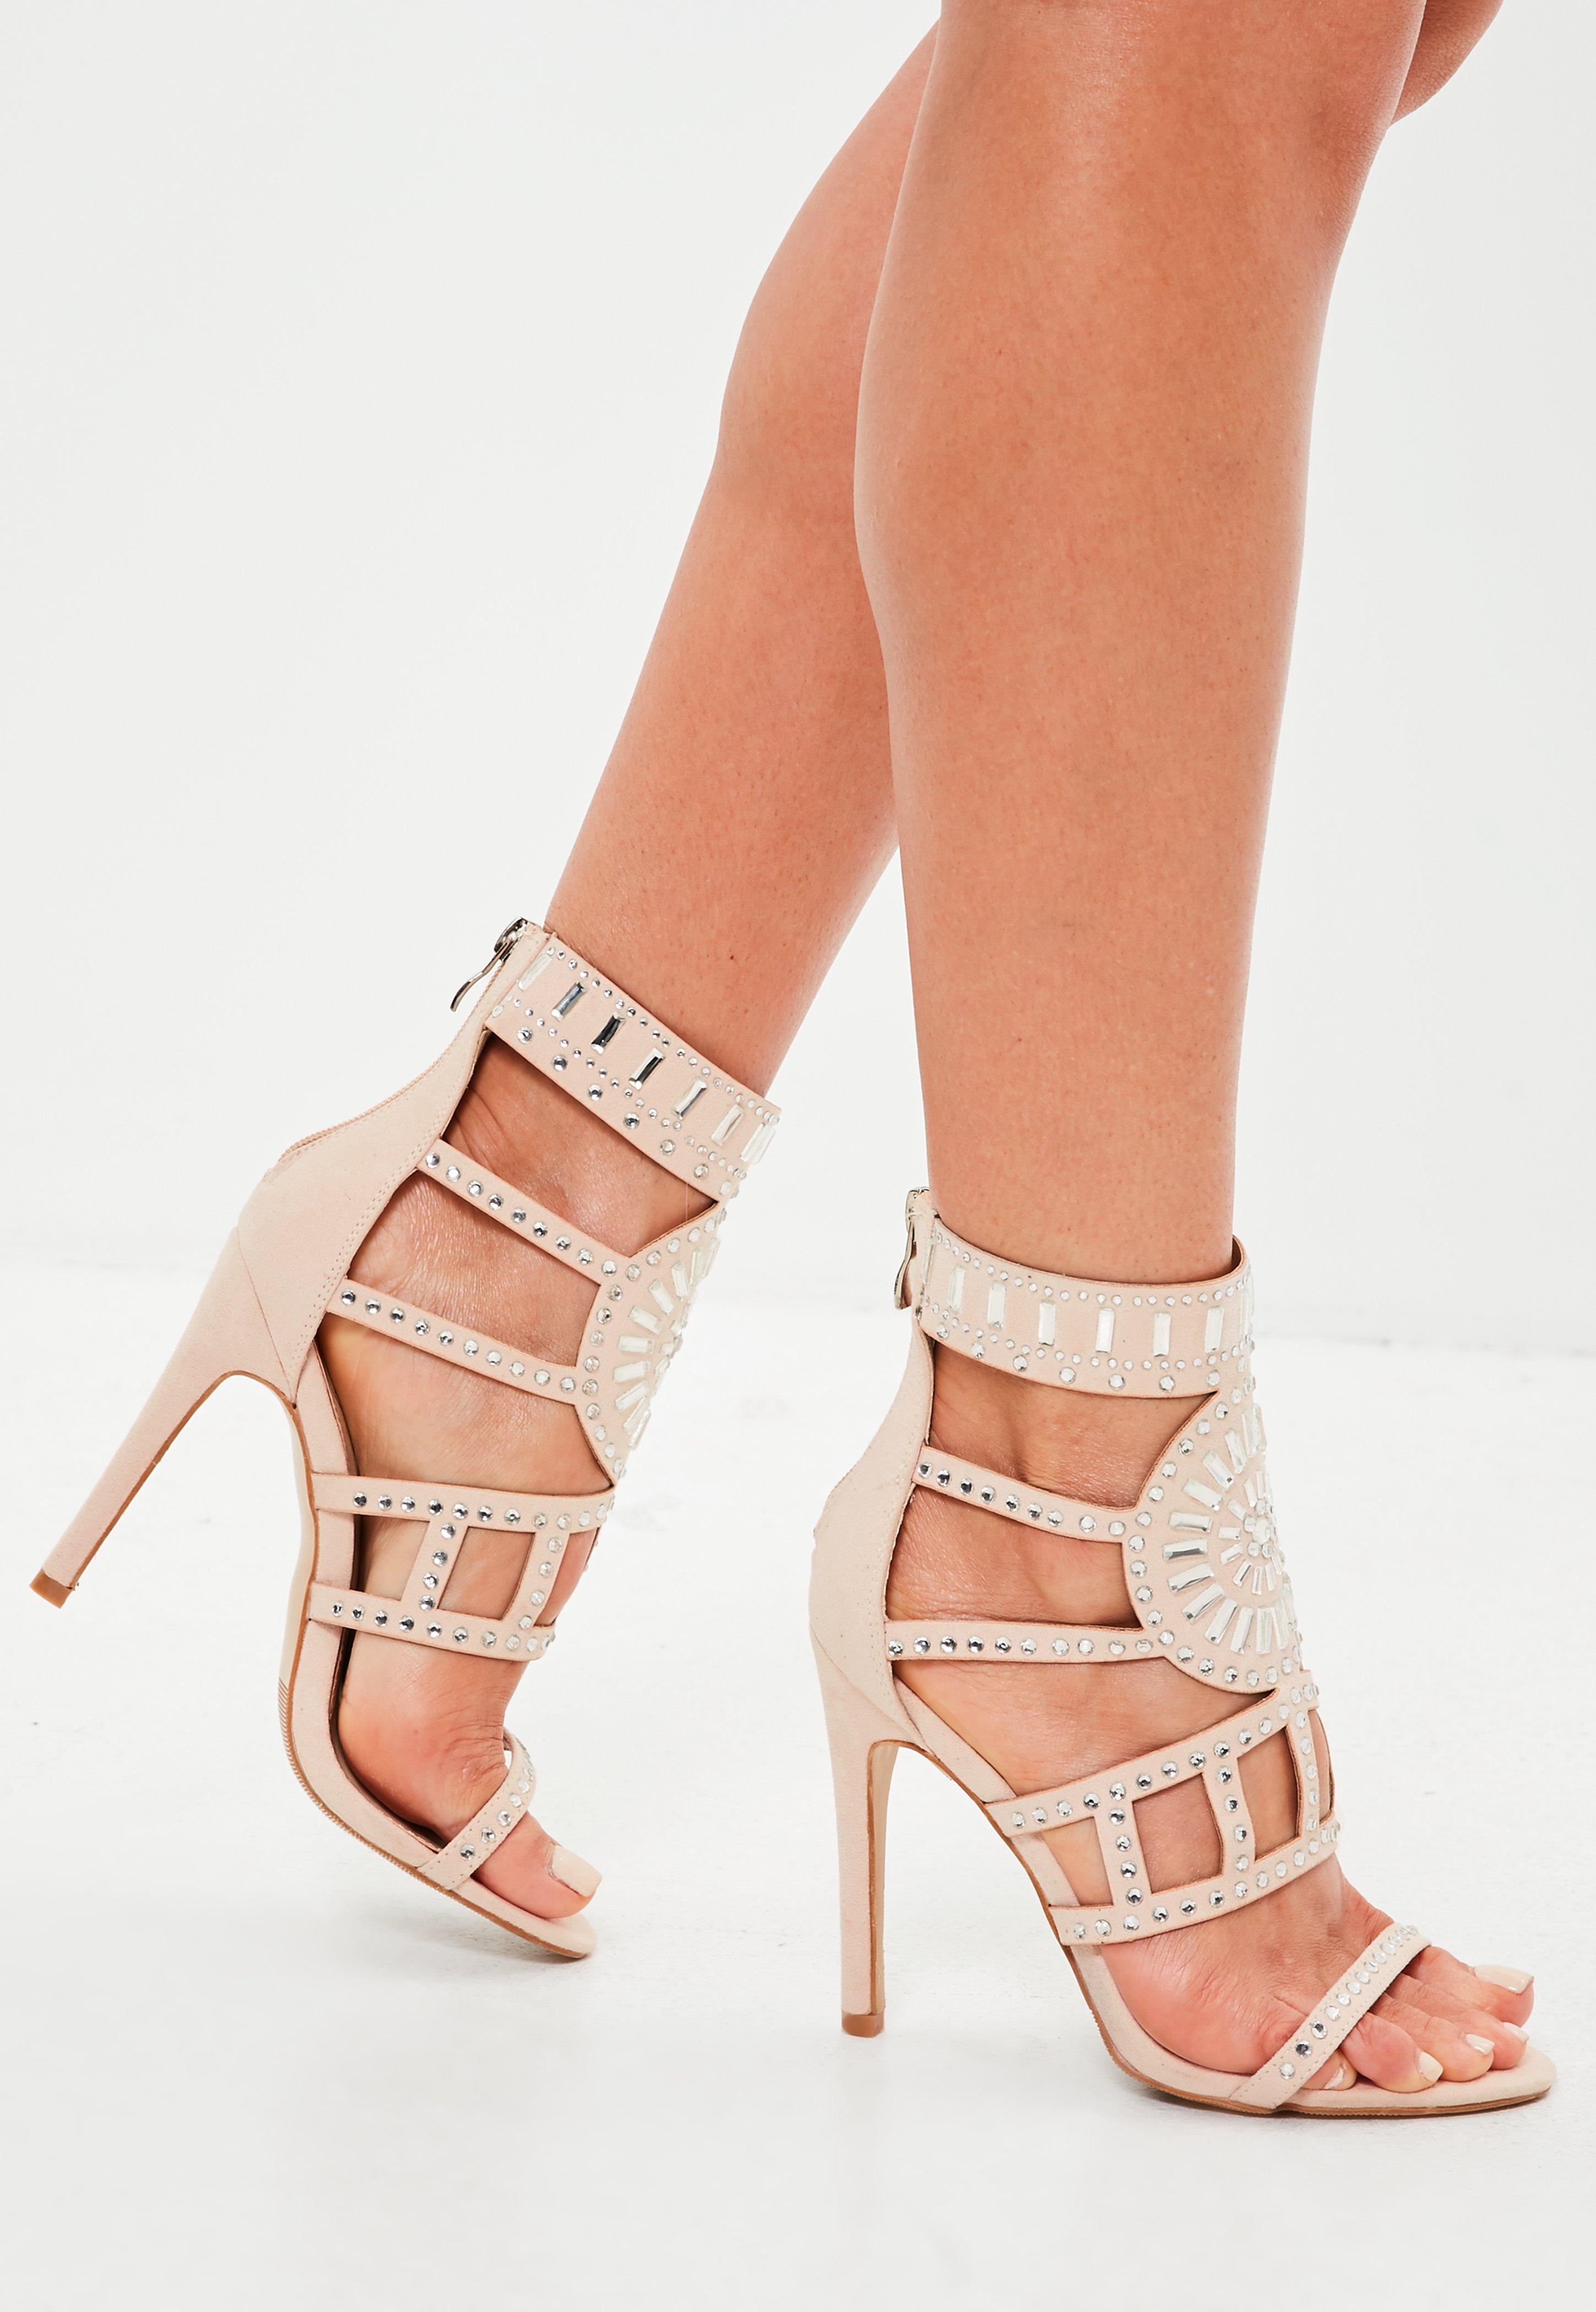 Nude Embellished Gladiator Heeled Sandals